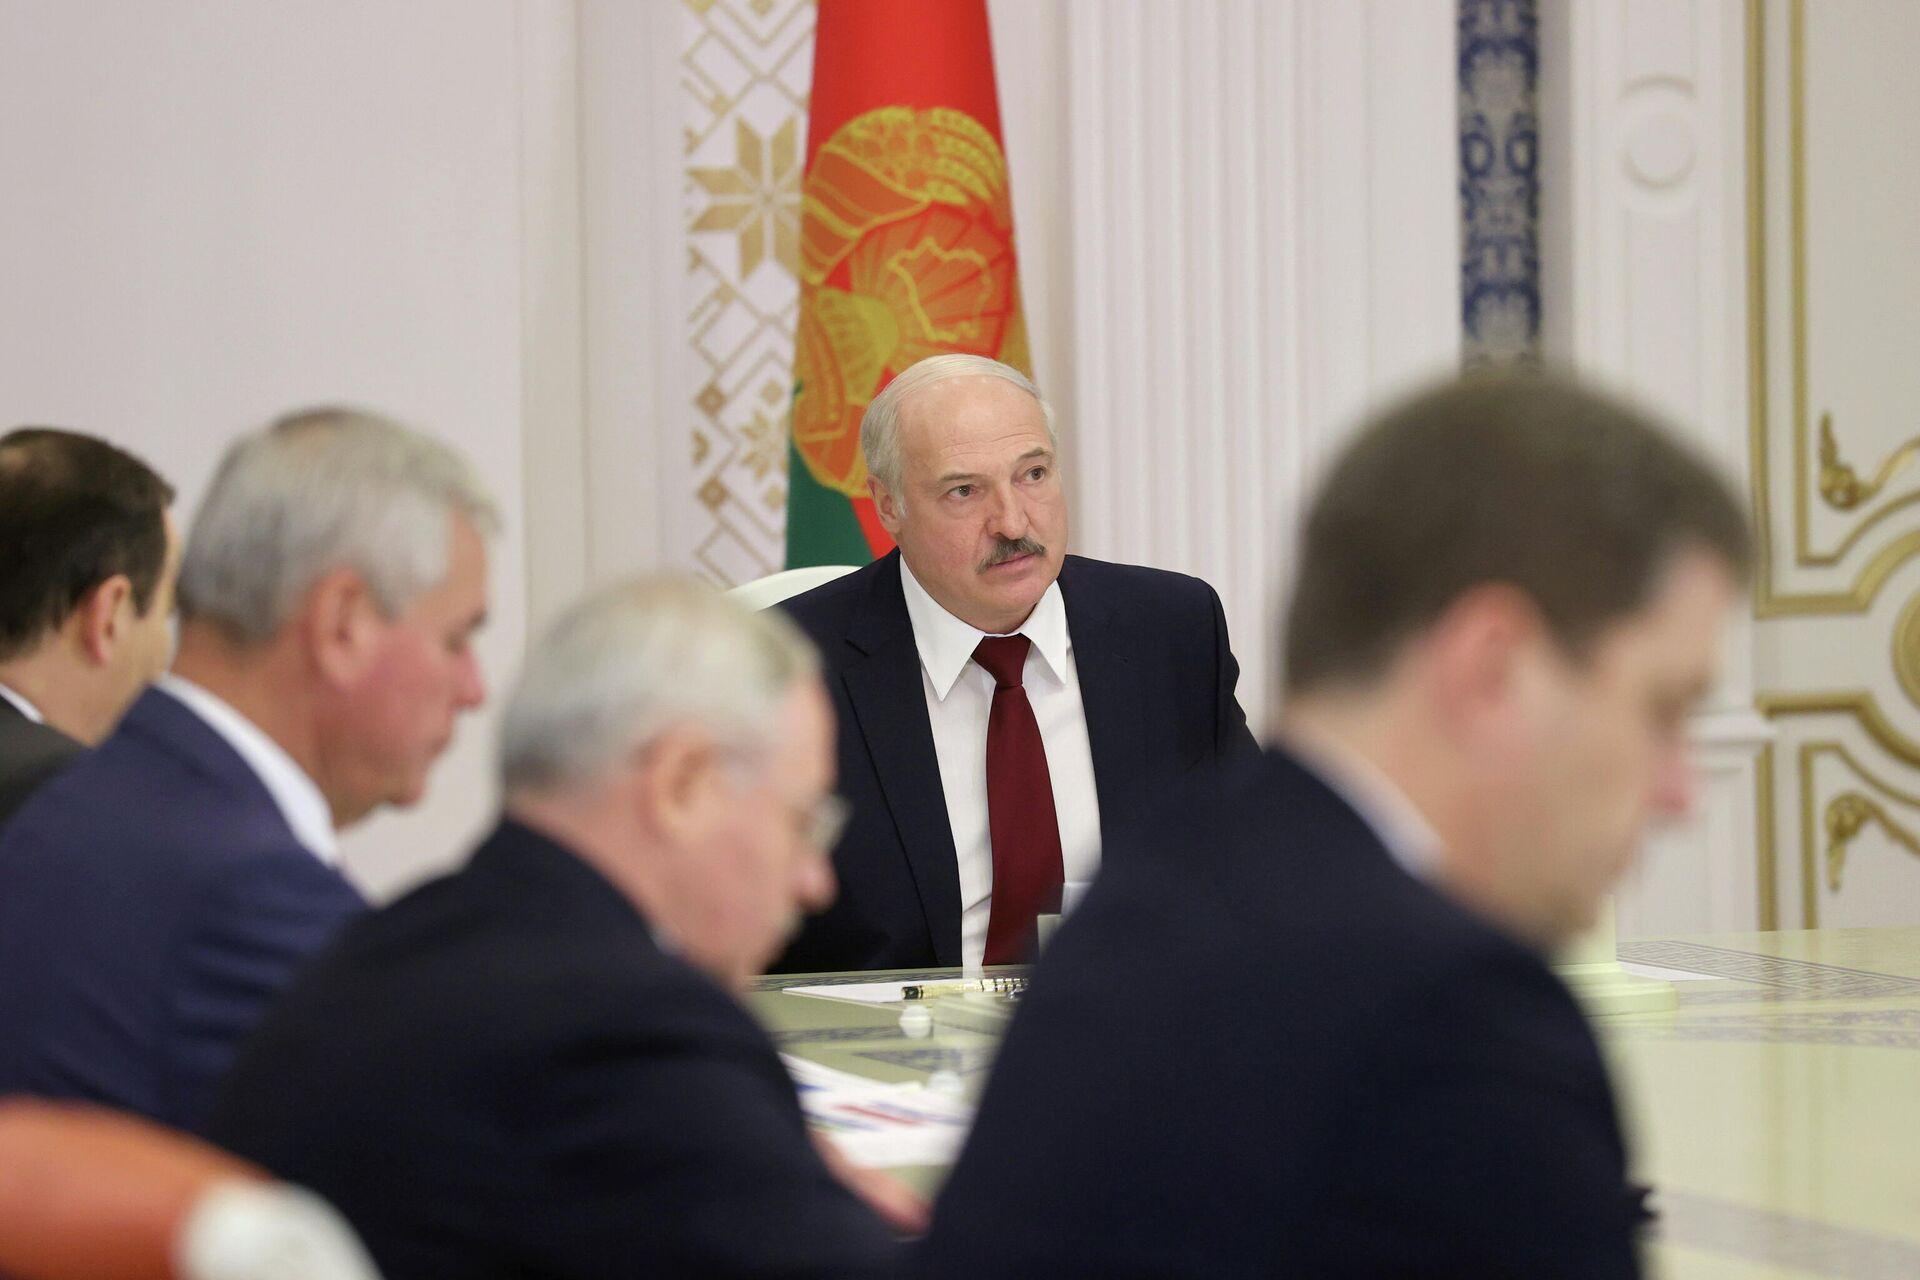 Президент Белоруссии Александр Лукашенко во время совещания в Минске. 27 октября 2020 - РИА Новости, 1920, 27.10.2020